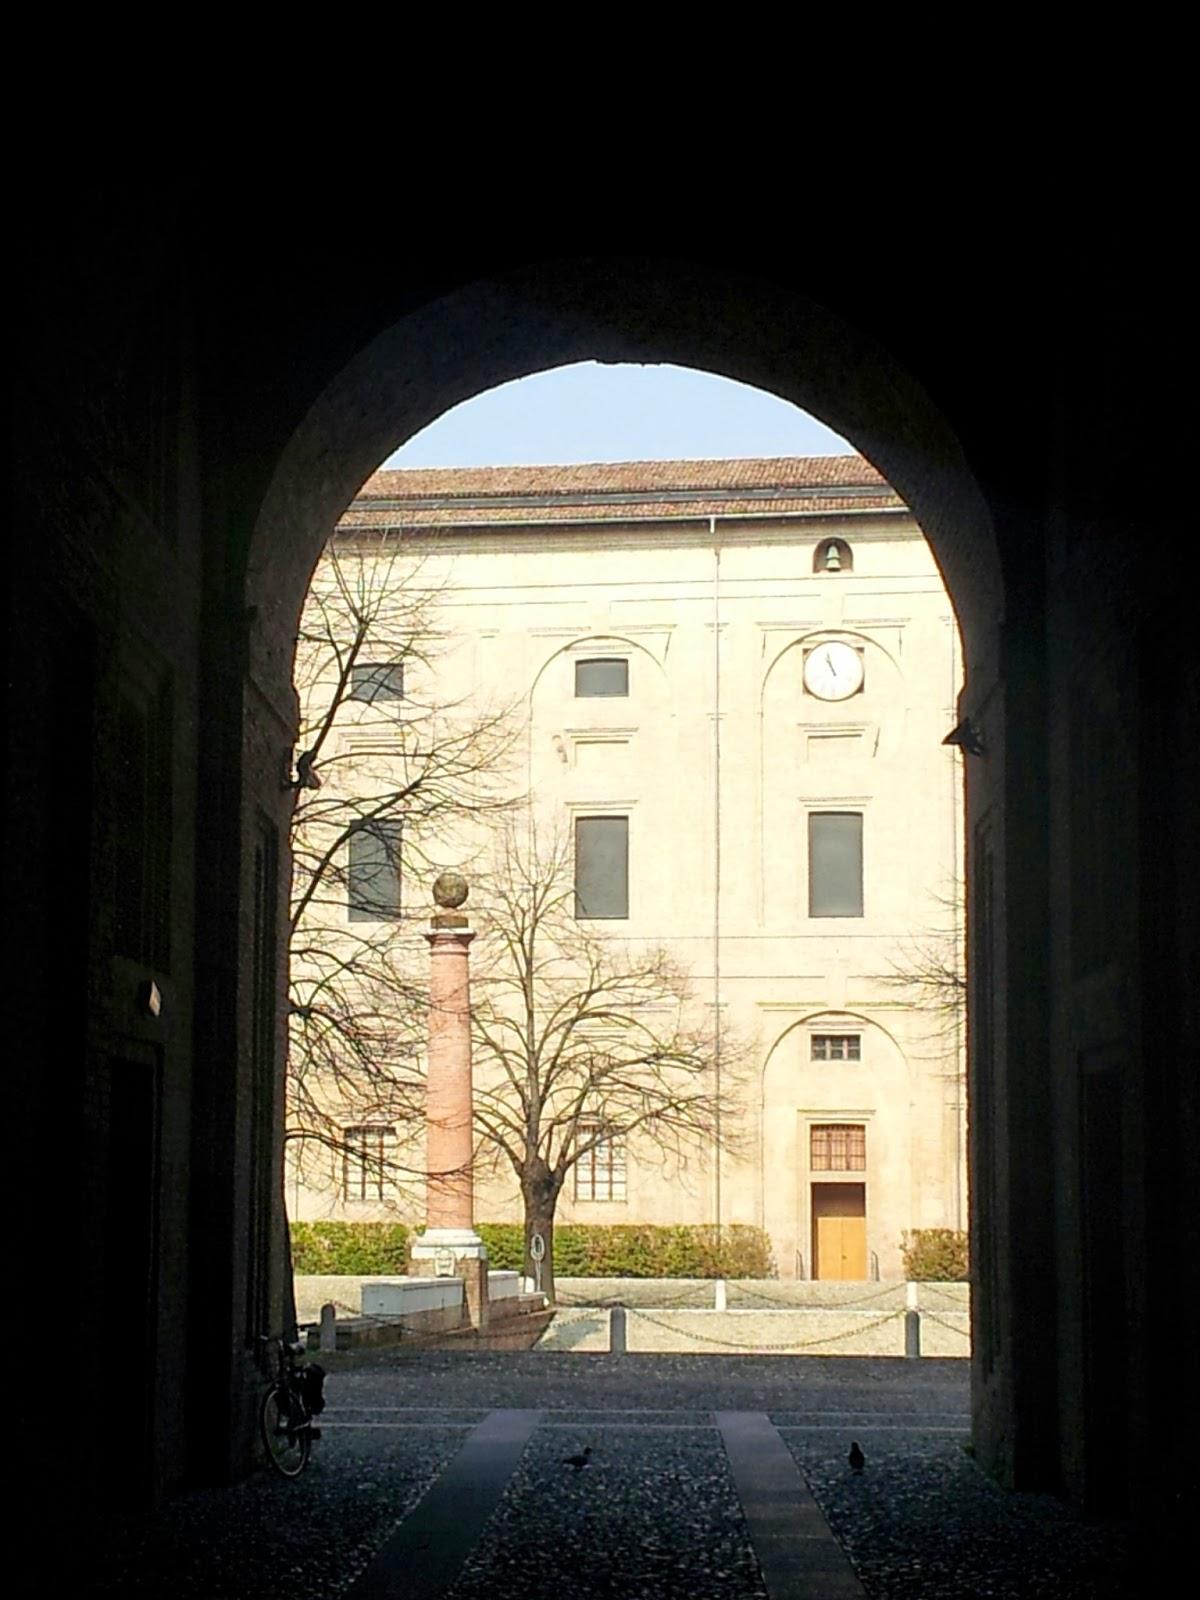 Art bonus turismo - Foto di Alberto Cardino: Cortile del Guazzatoio - Palazzo della Pilotta - Parma